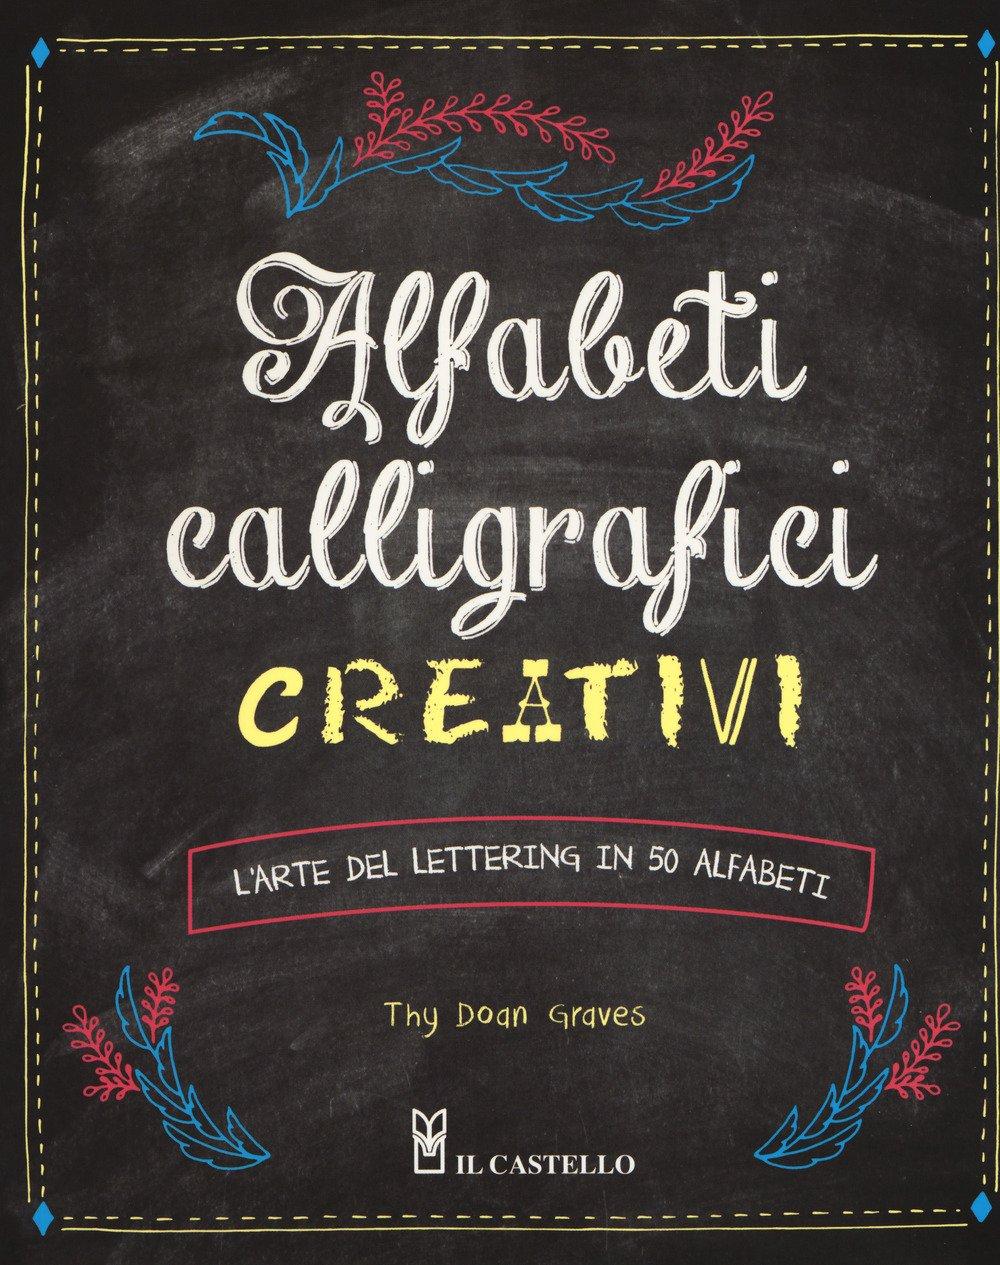 Alfabeti calligrafici creativi. L'arte del lettering in 50 alfabeti